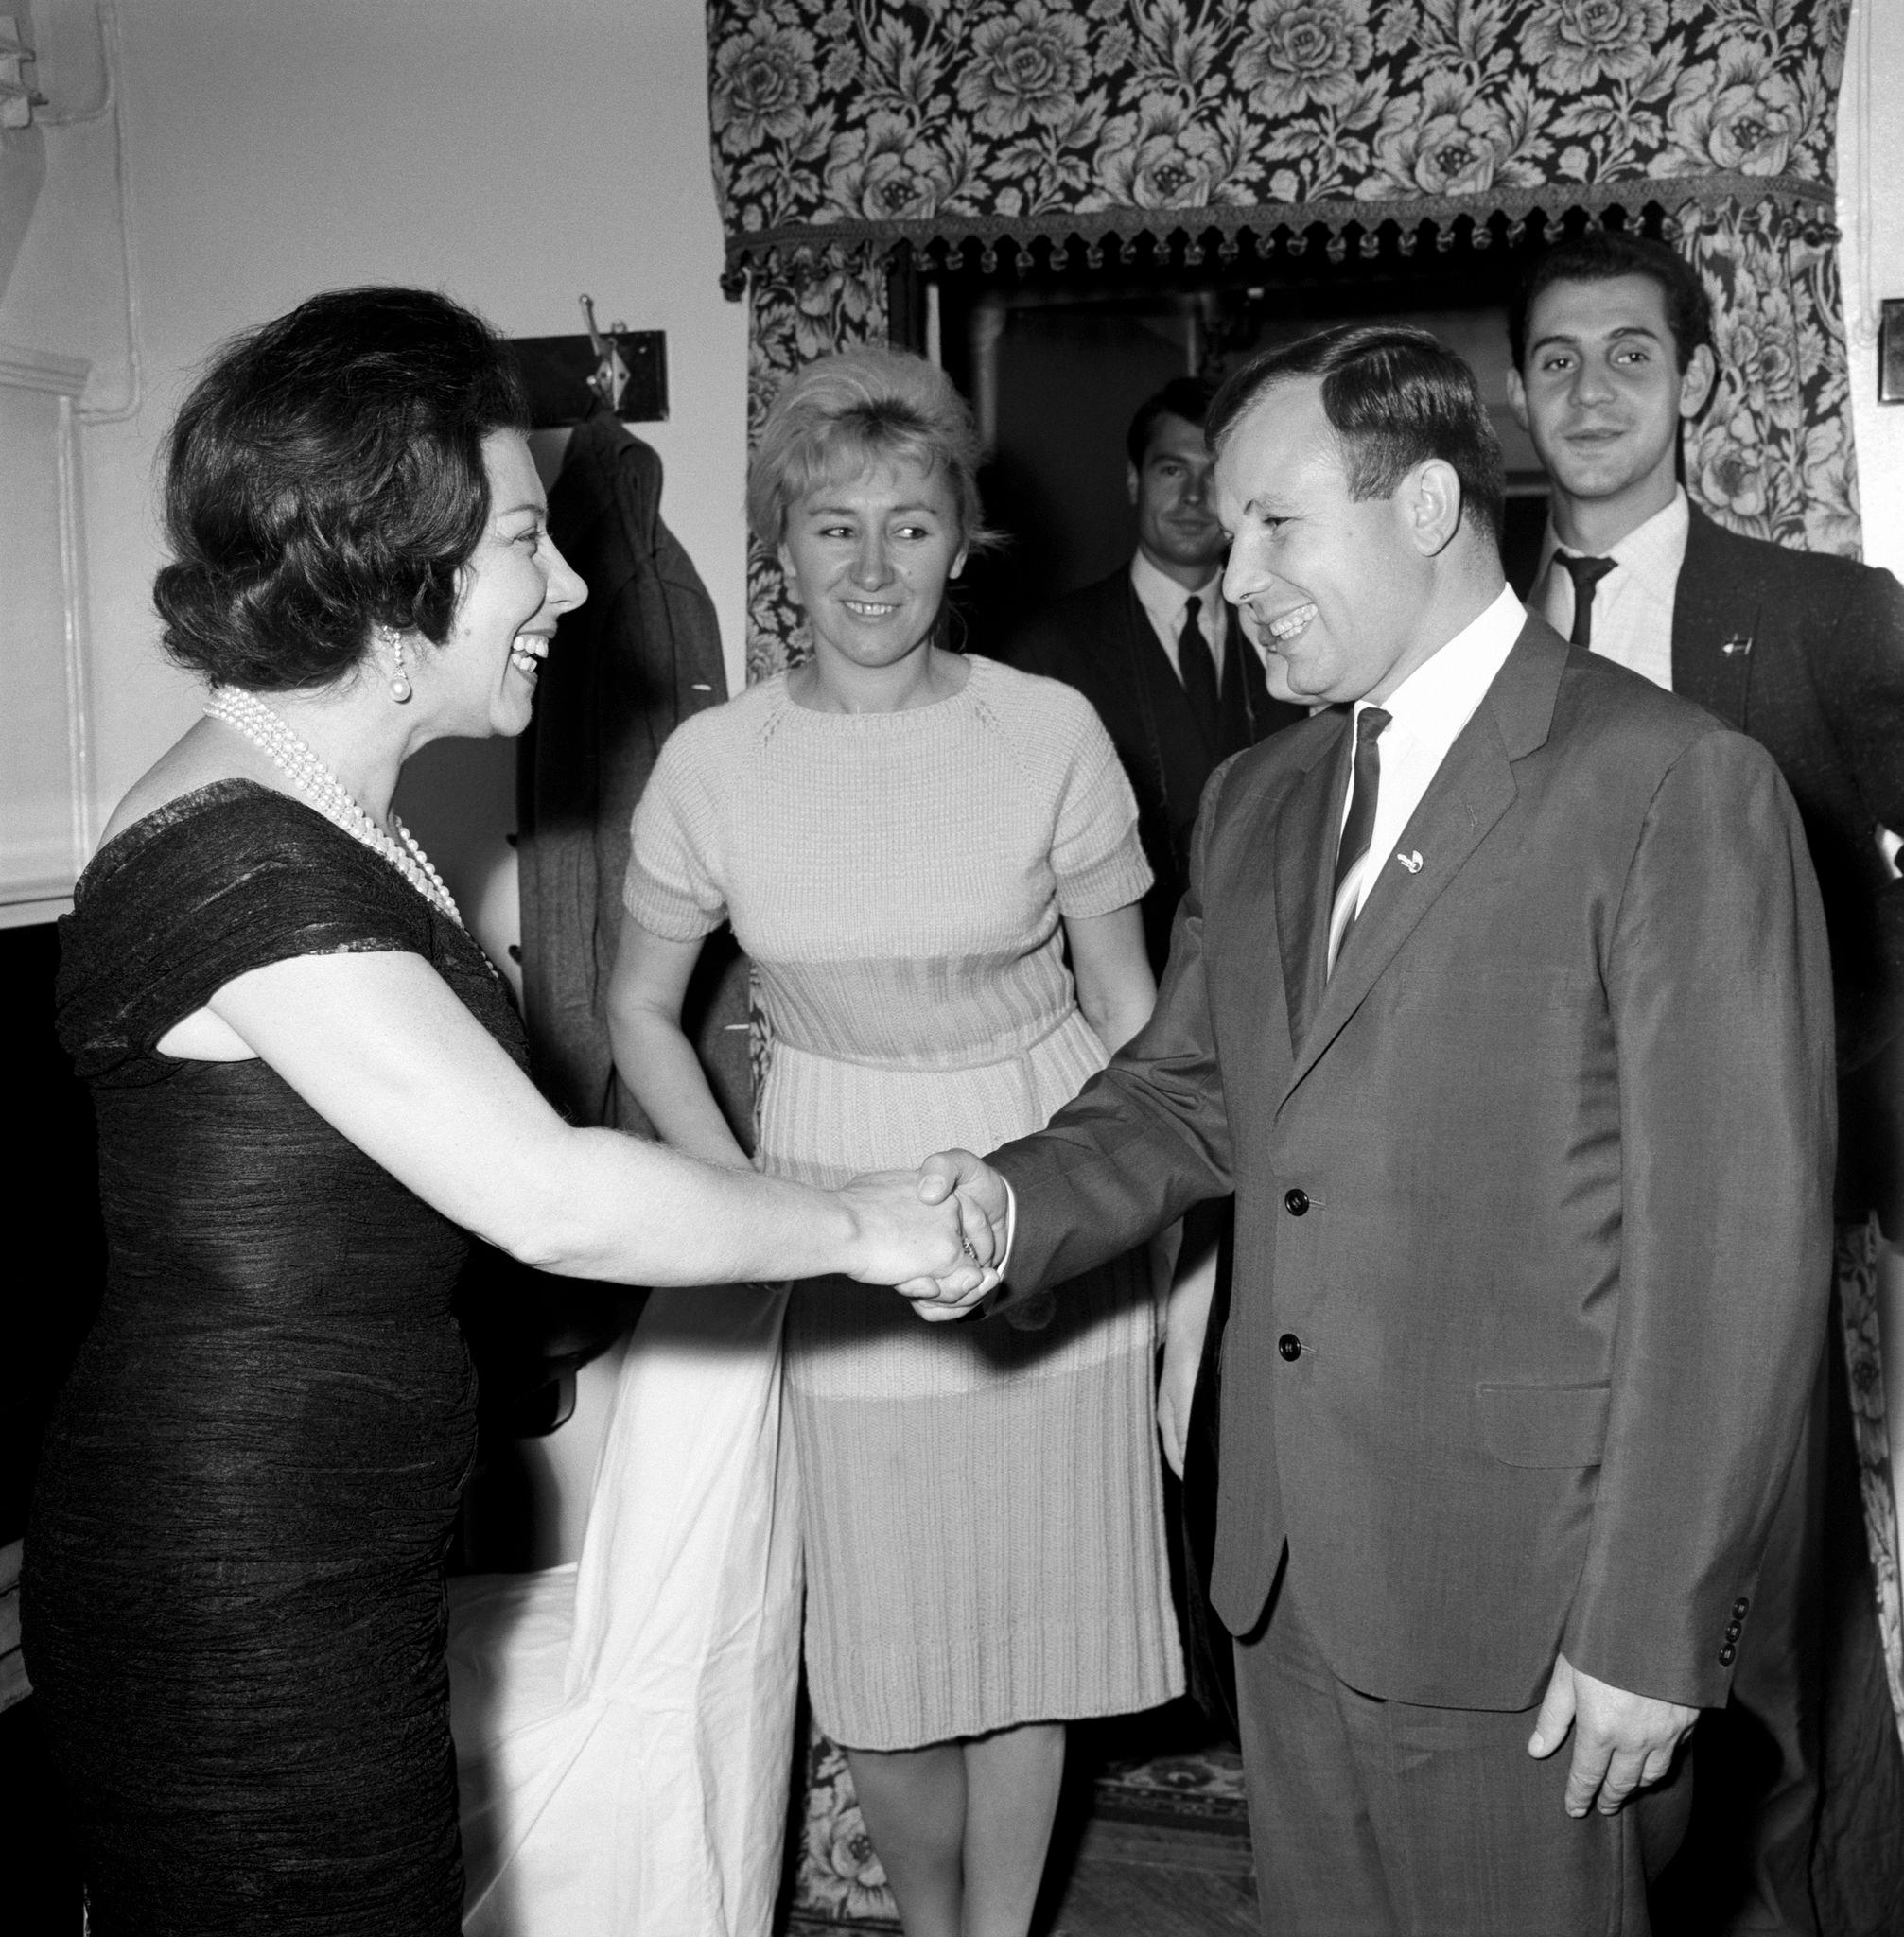 Джульетта Симионато пожимает руки советскому астронавту Юрию Гагарину в конце спектакля..png